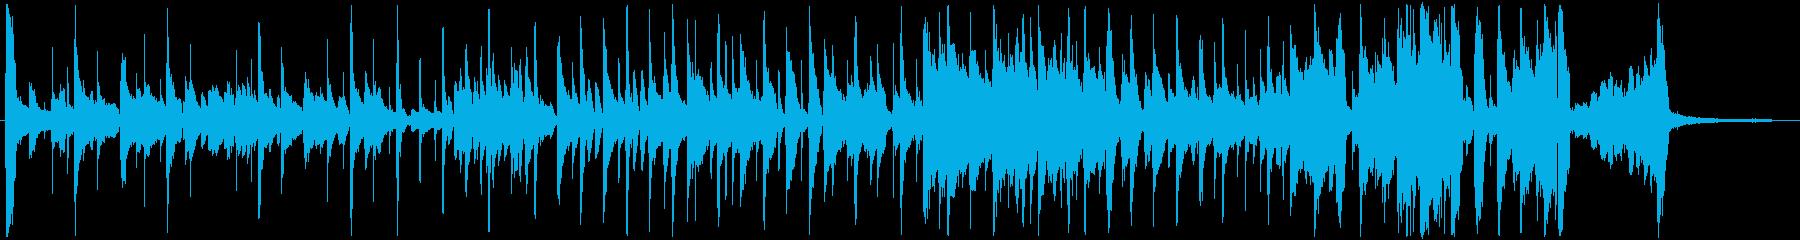 ほのぼのしたジャズ ゆるいコミカルな場面の再生済みの波形